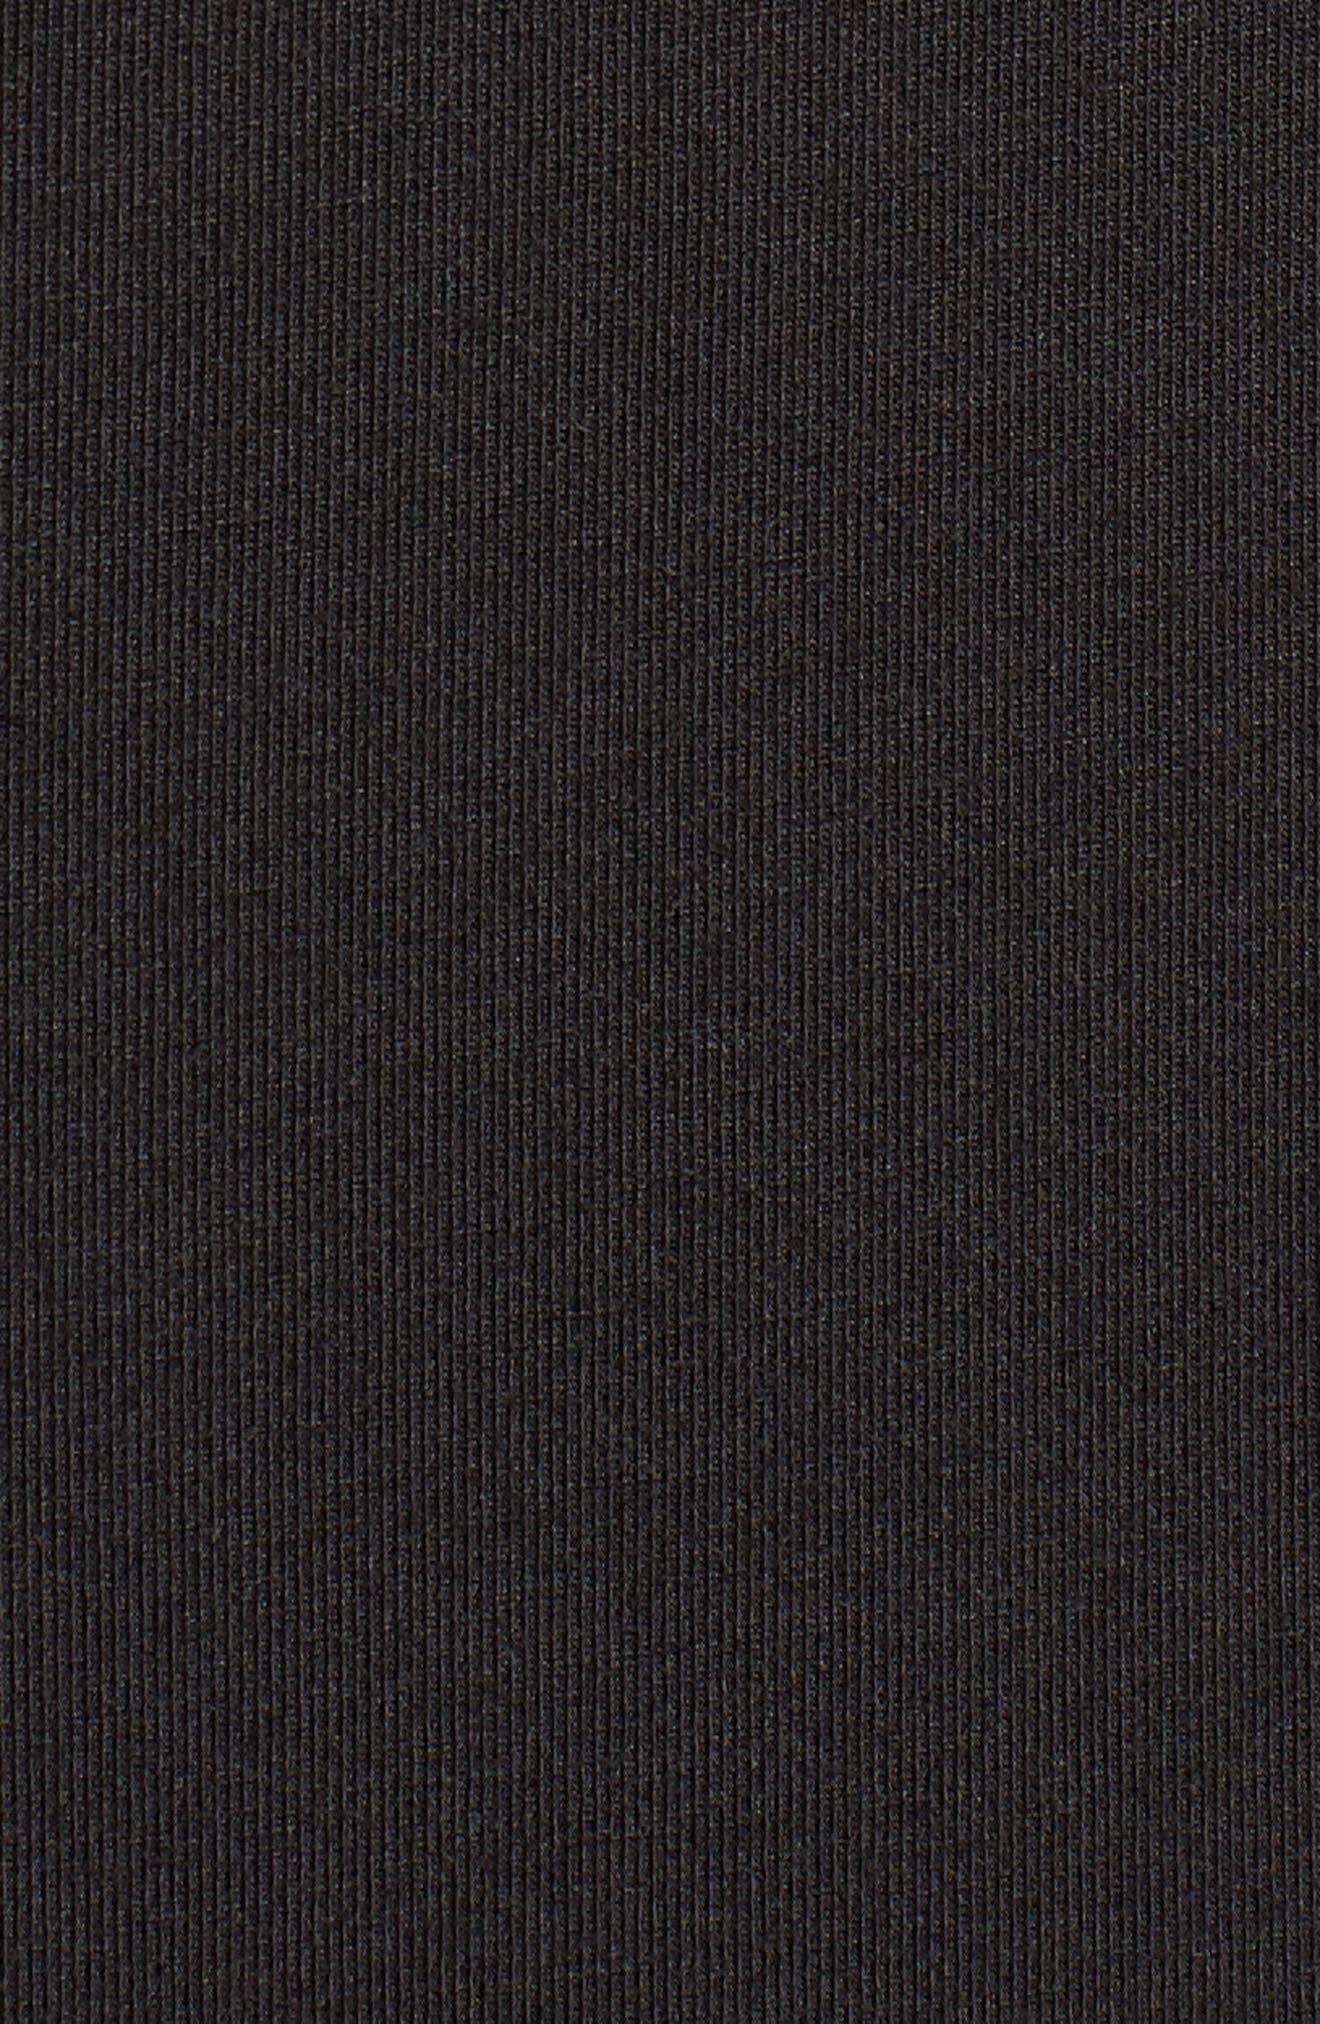 Tambour Shift Dress,                             Alternate thumbnail 5, color,                             001